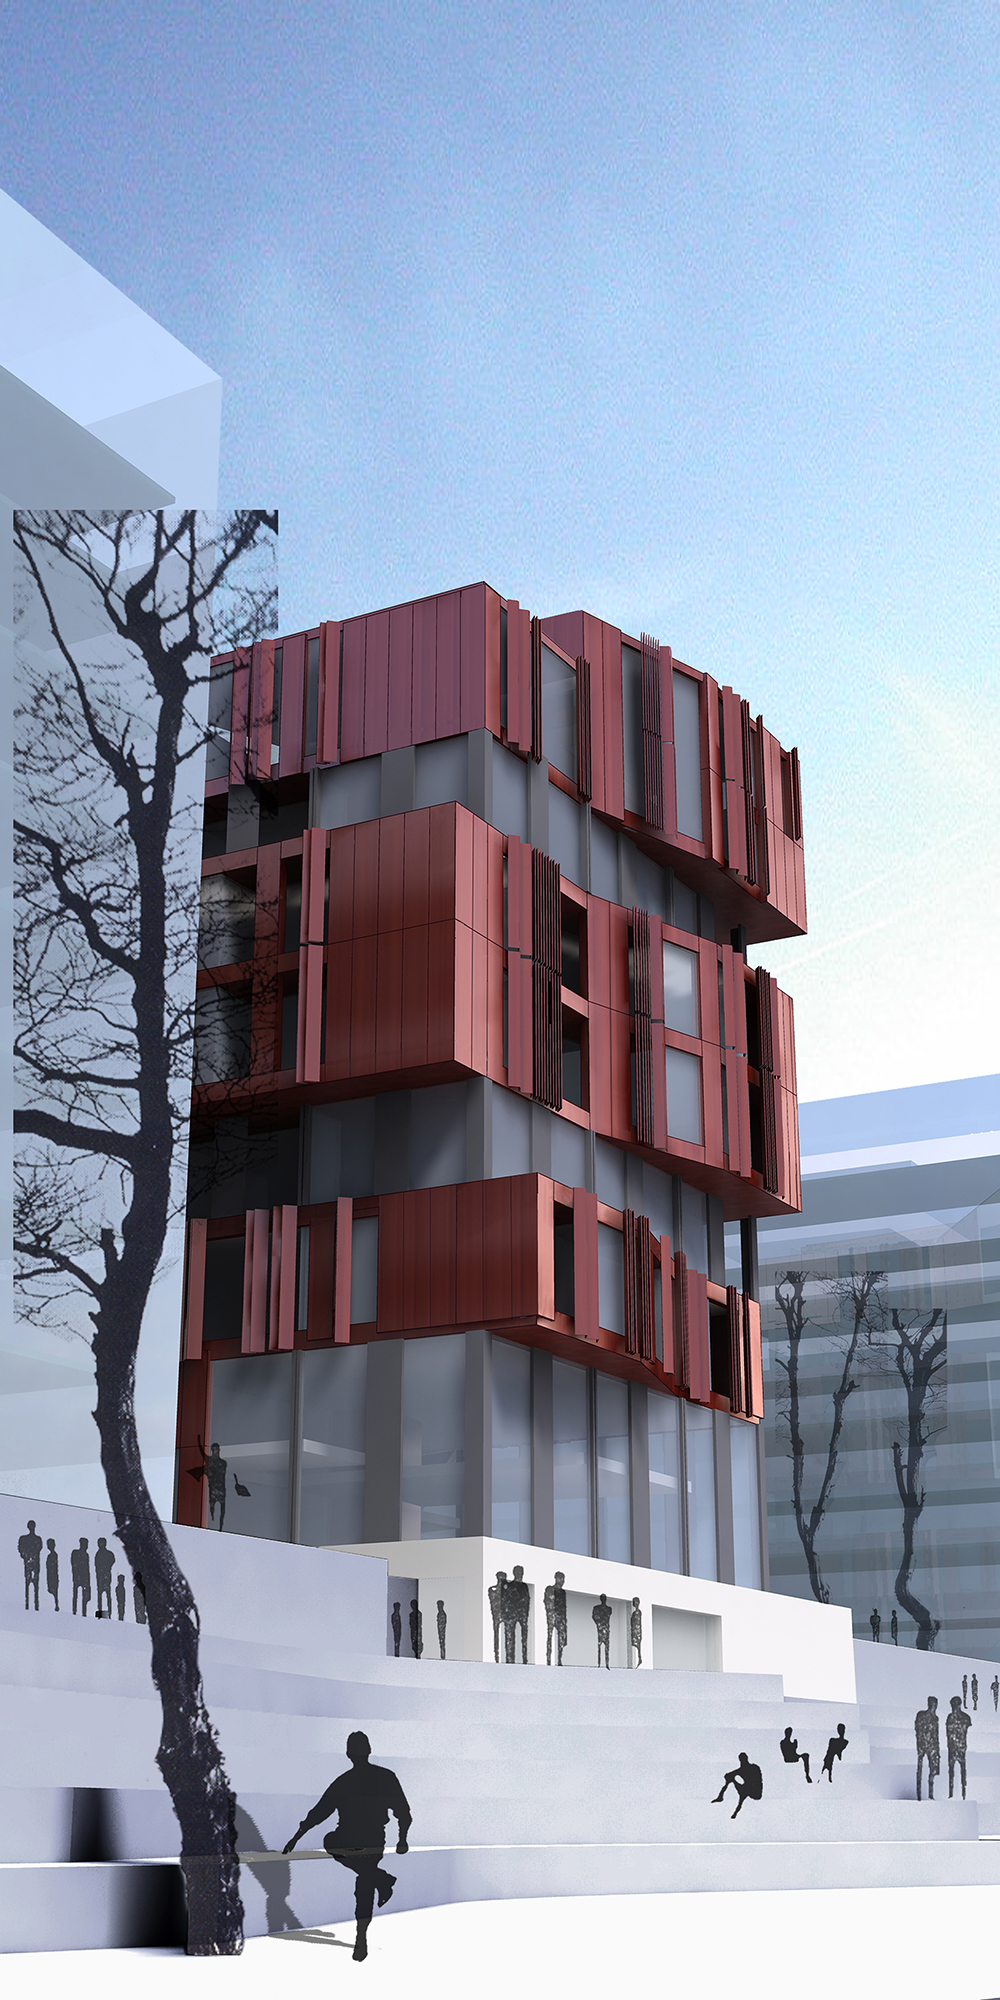 Sml architekten hafencity baufeld 21 hamburg homebase2 - Architektur hamburg ...